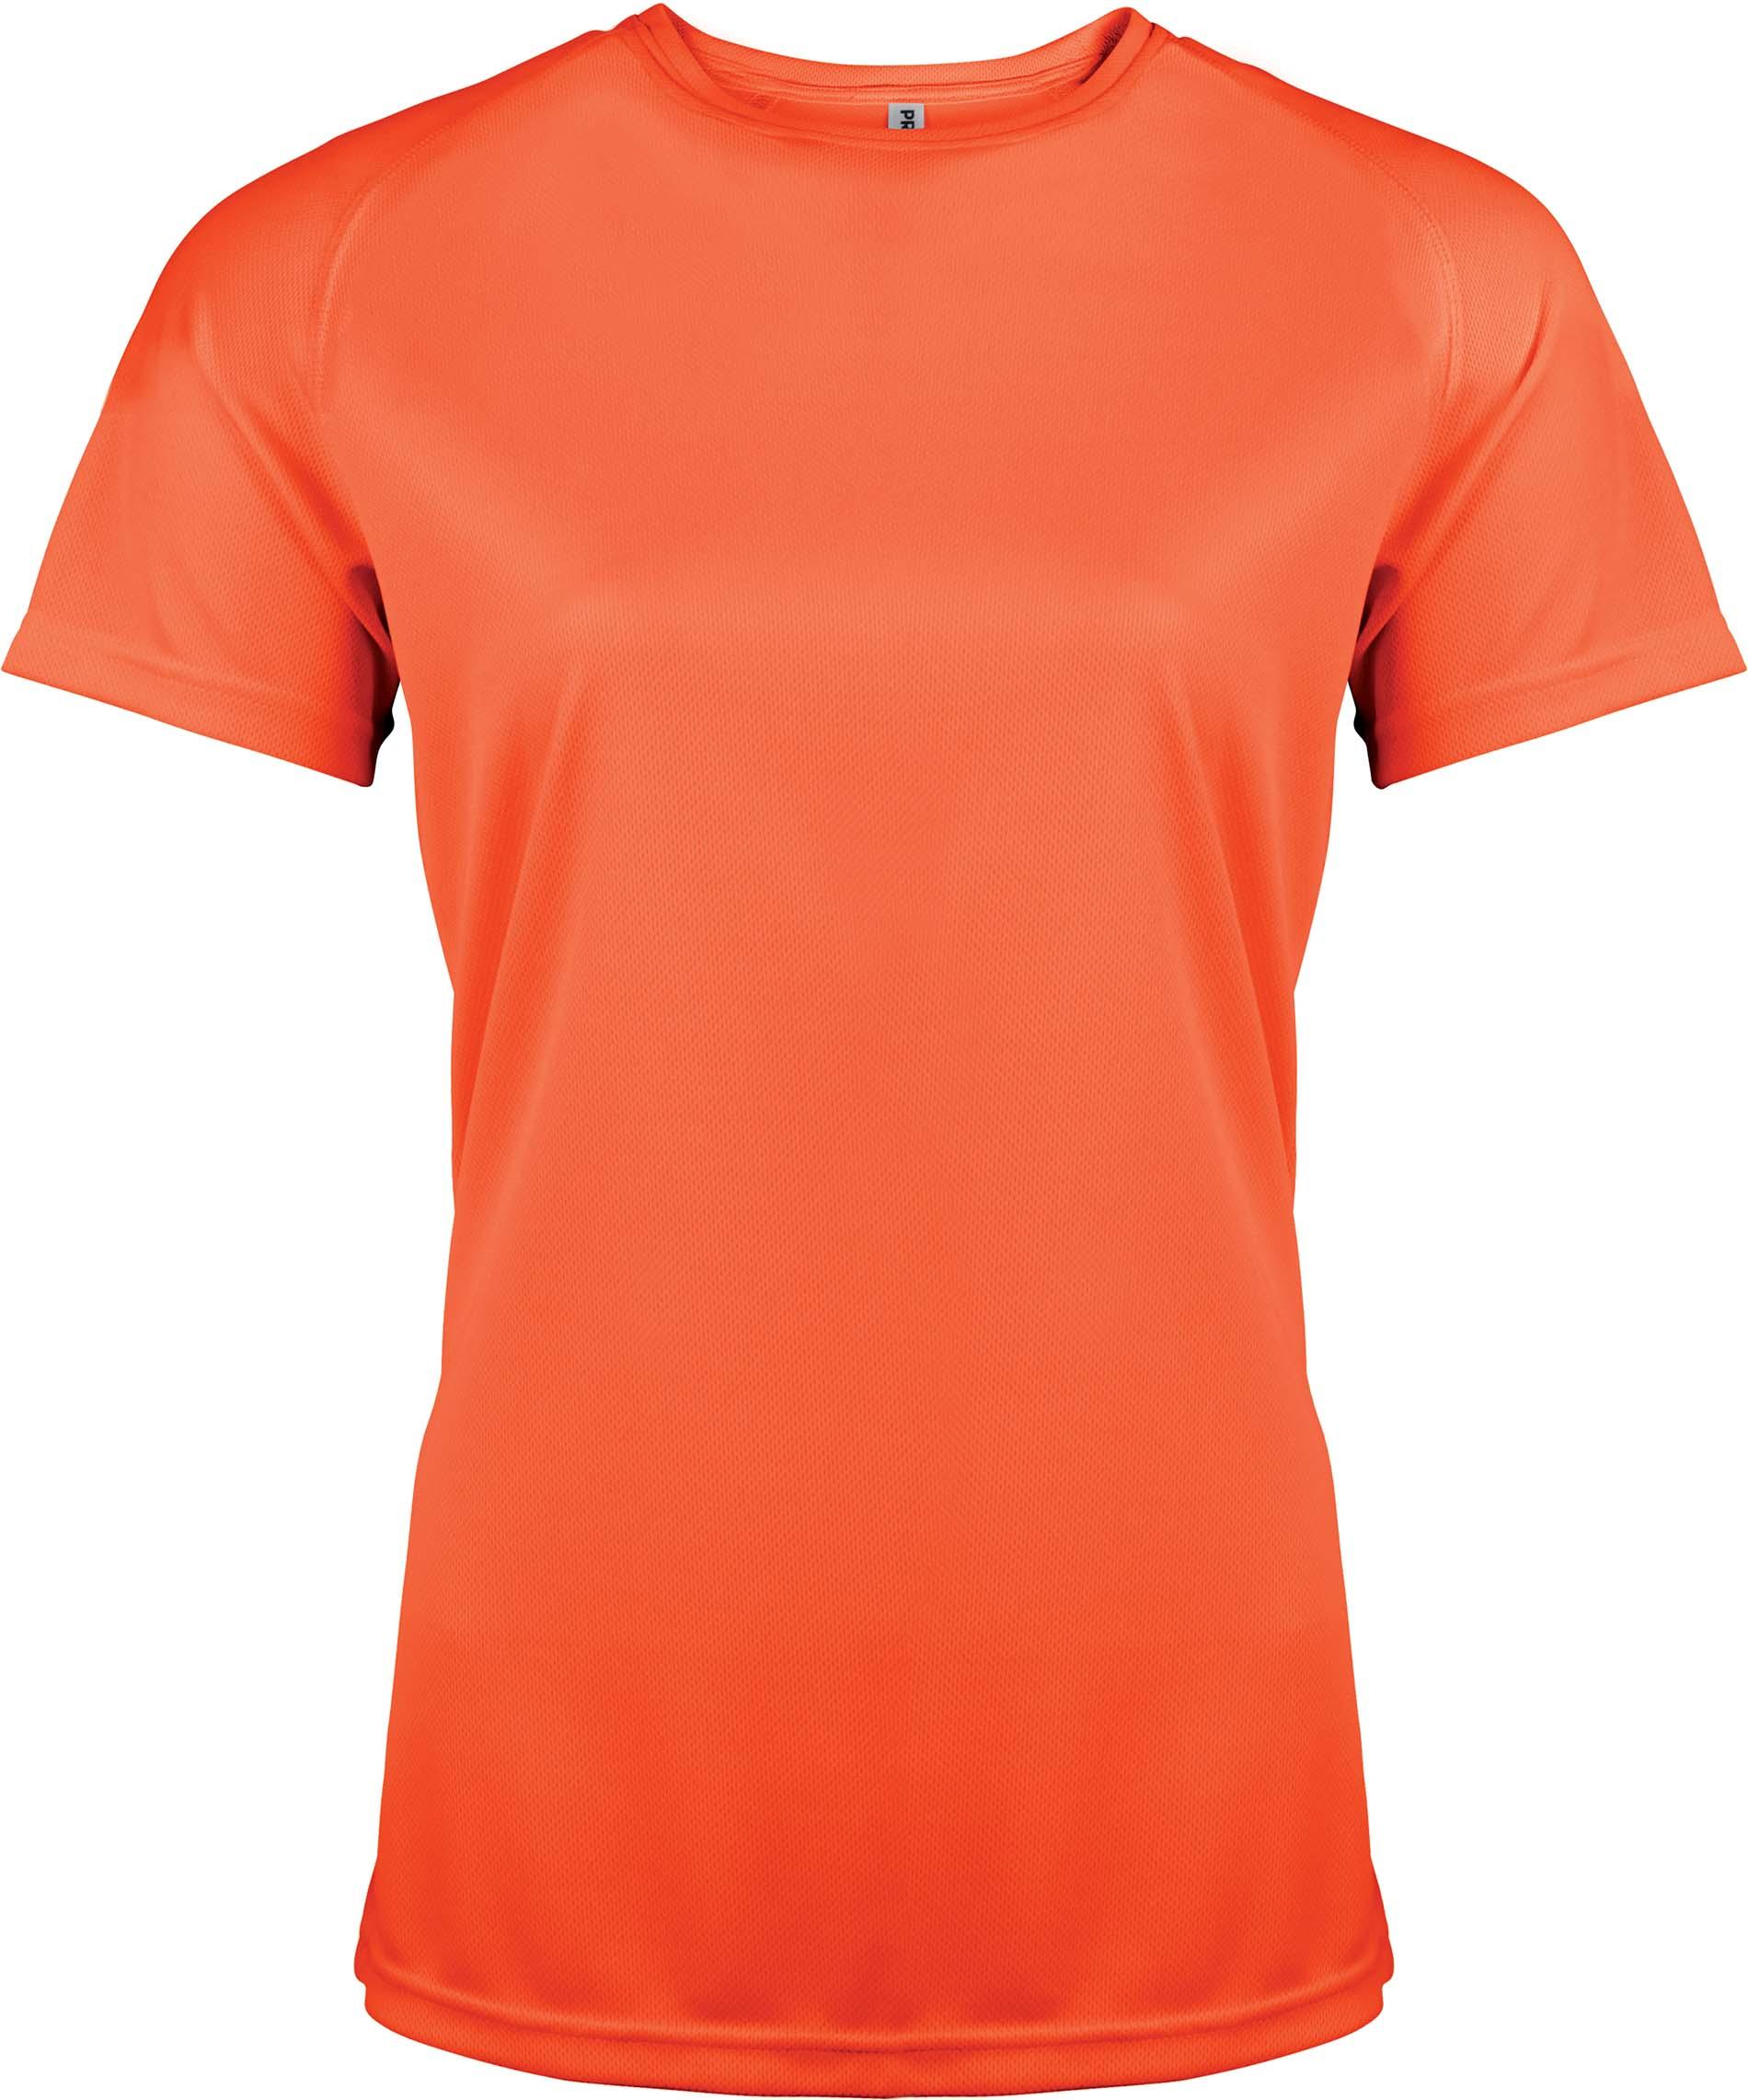 Naisten tekninen T-paita PA439 Neon Oranssi